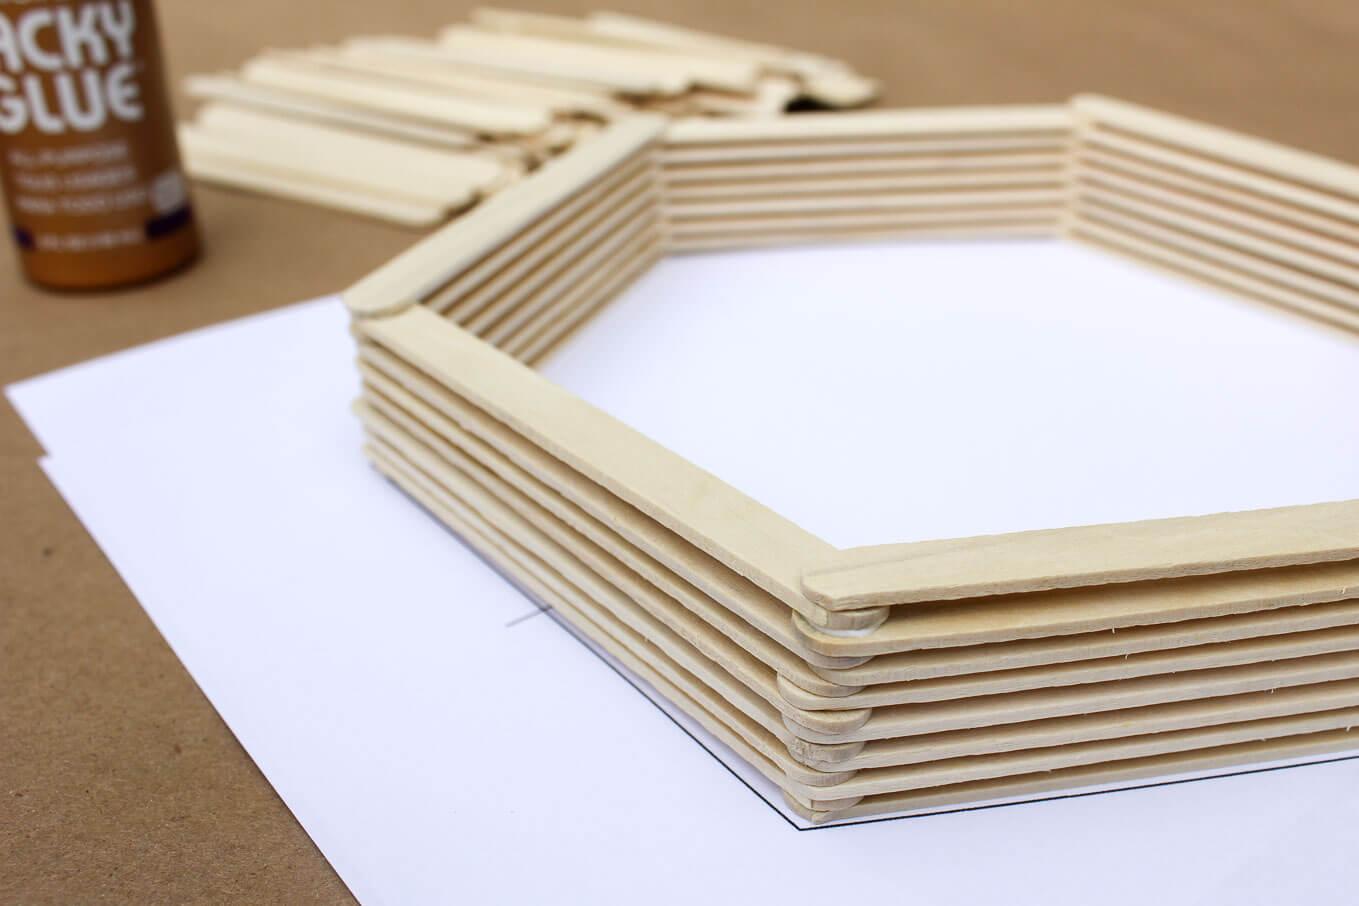 Hexagonal Wall Shelf - Hexagon Shelves best idea